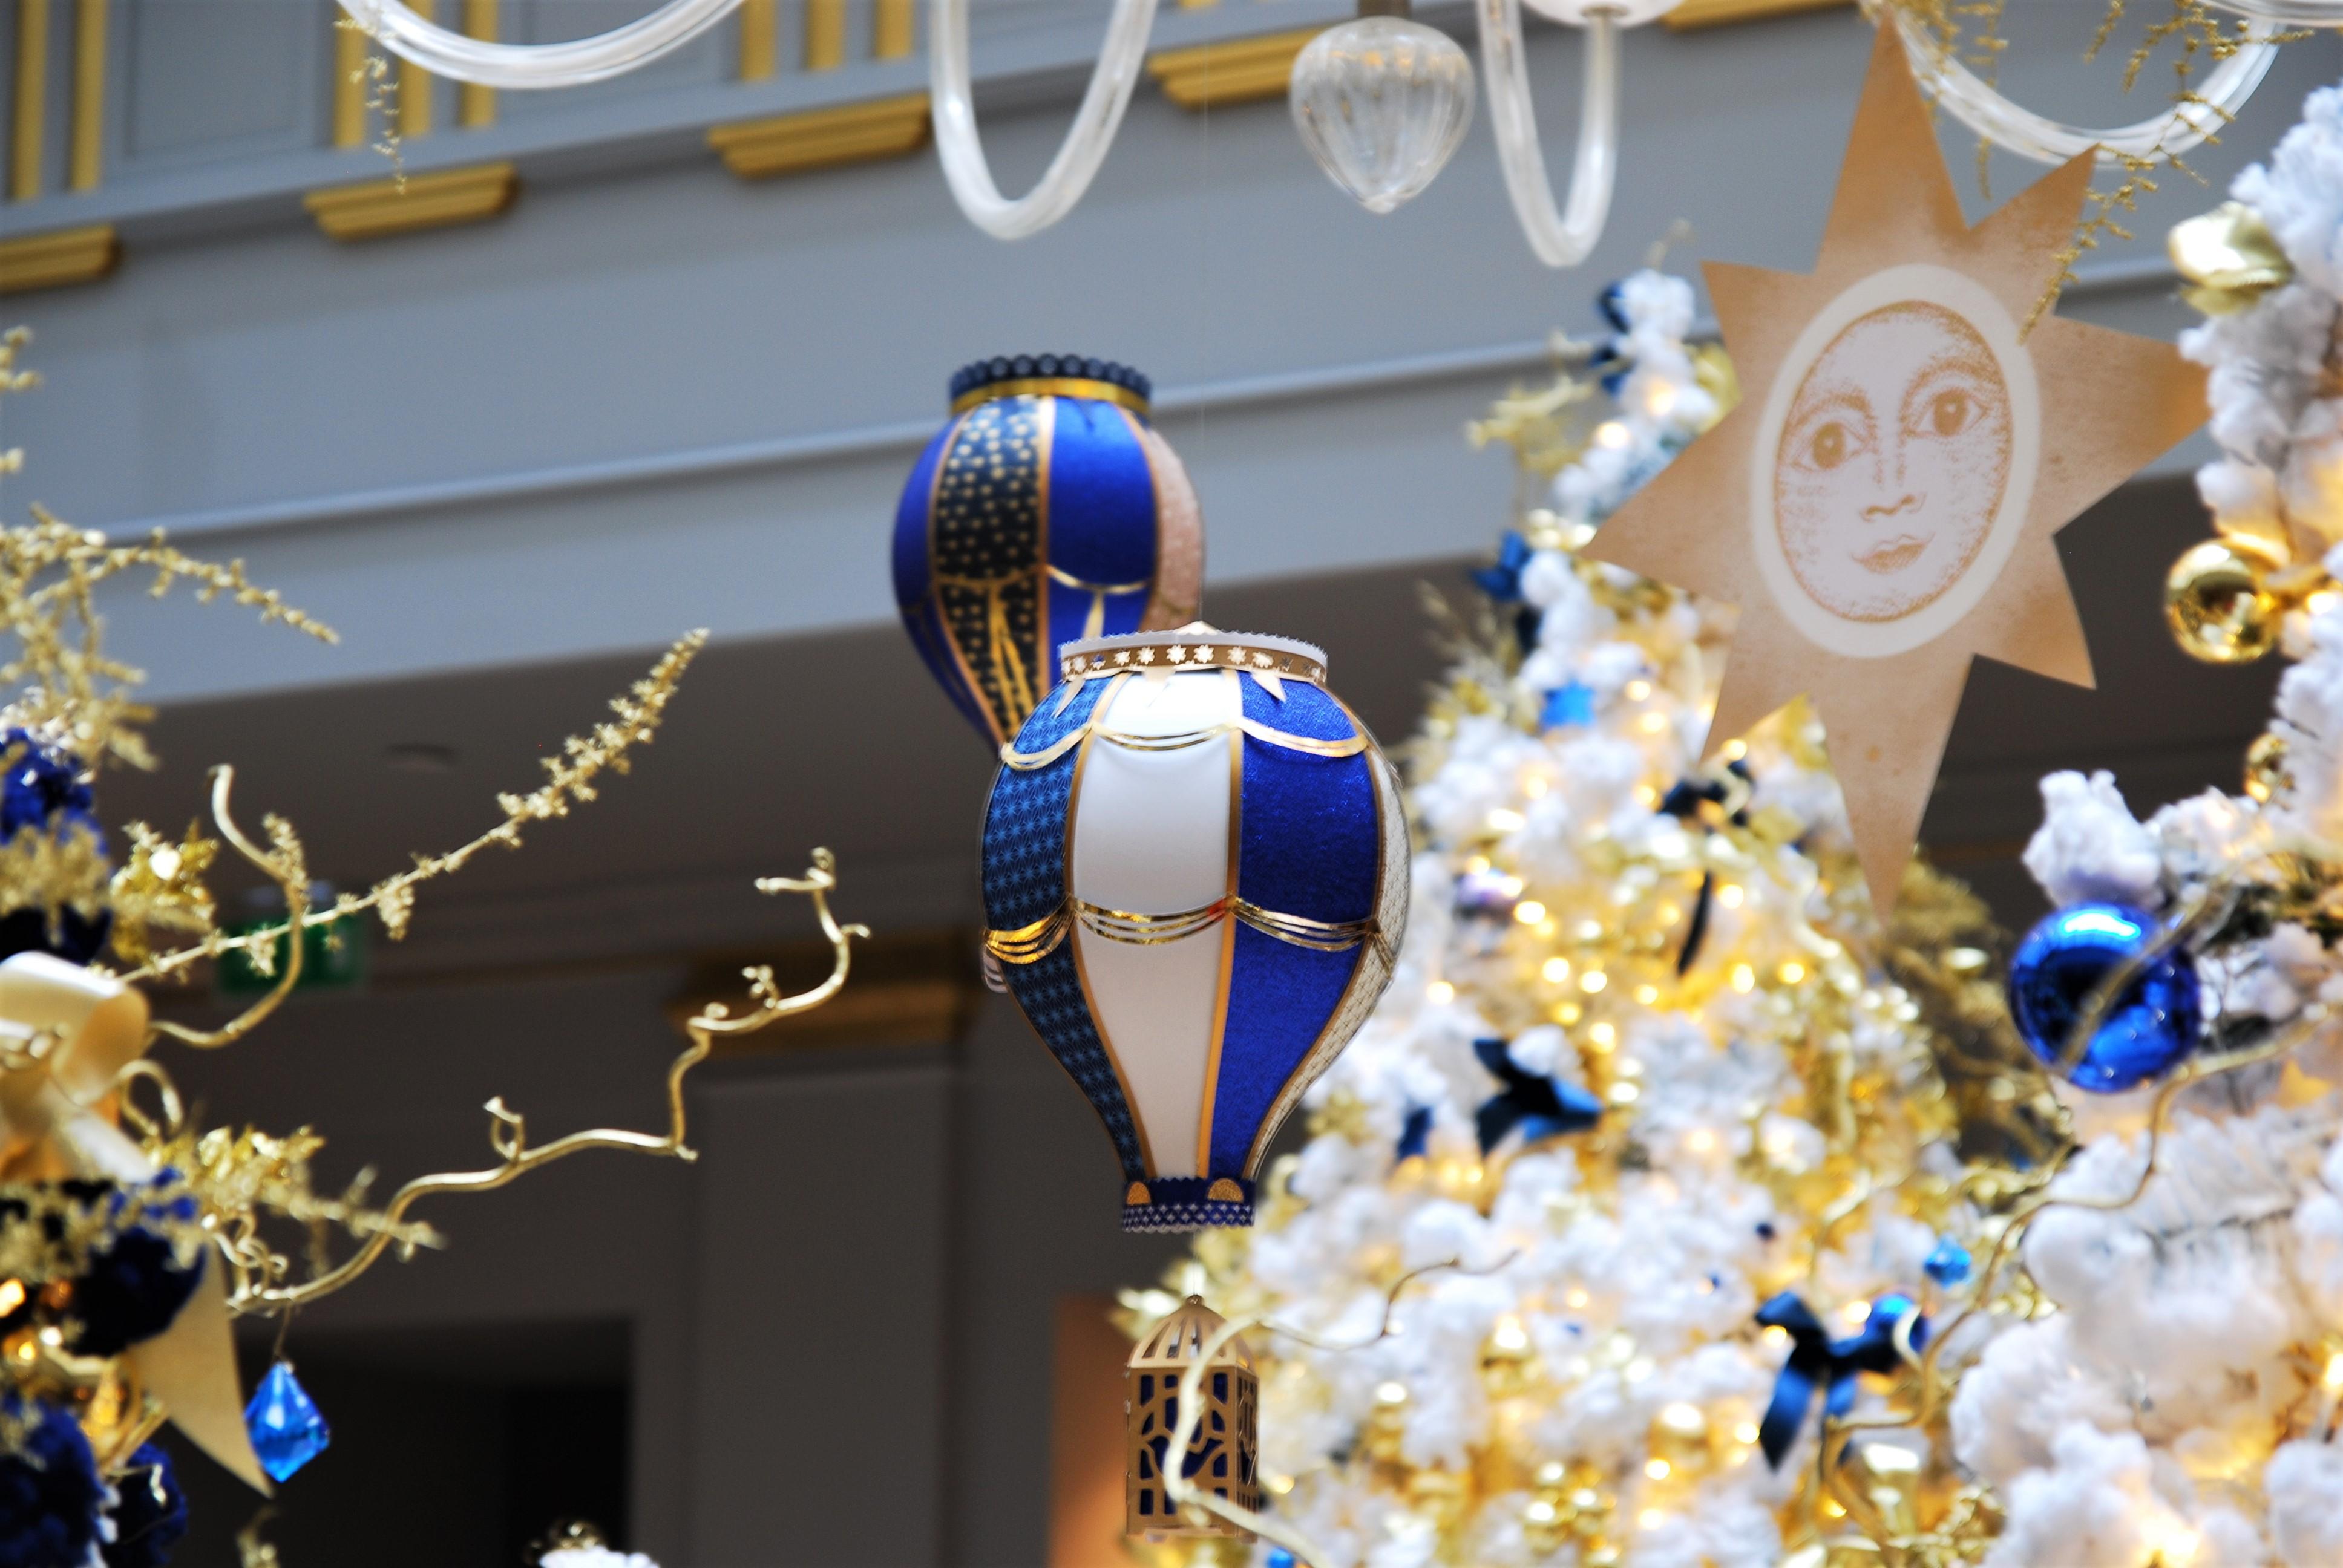 décor-montgolfiere-paper-art-creation-pour-hotel-sofitel-paris-le-faubourg-noel-2018-Laure-Devenelle